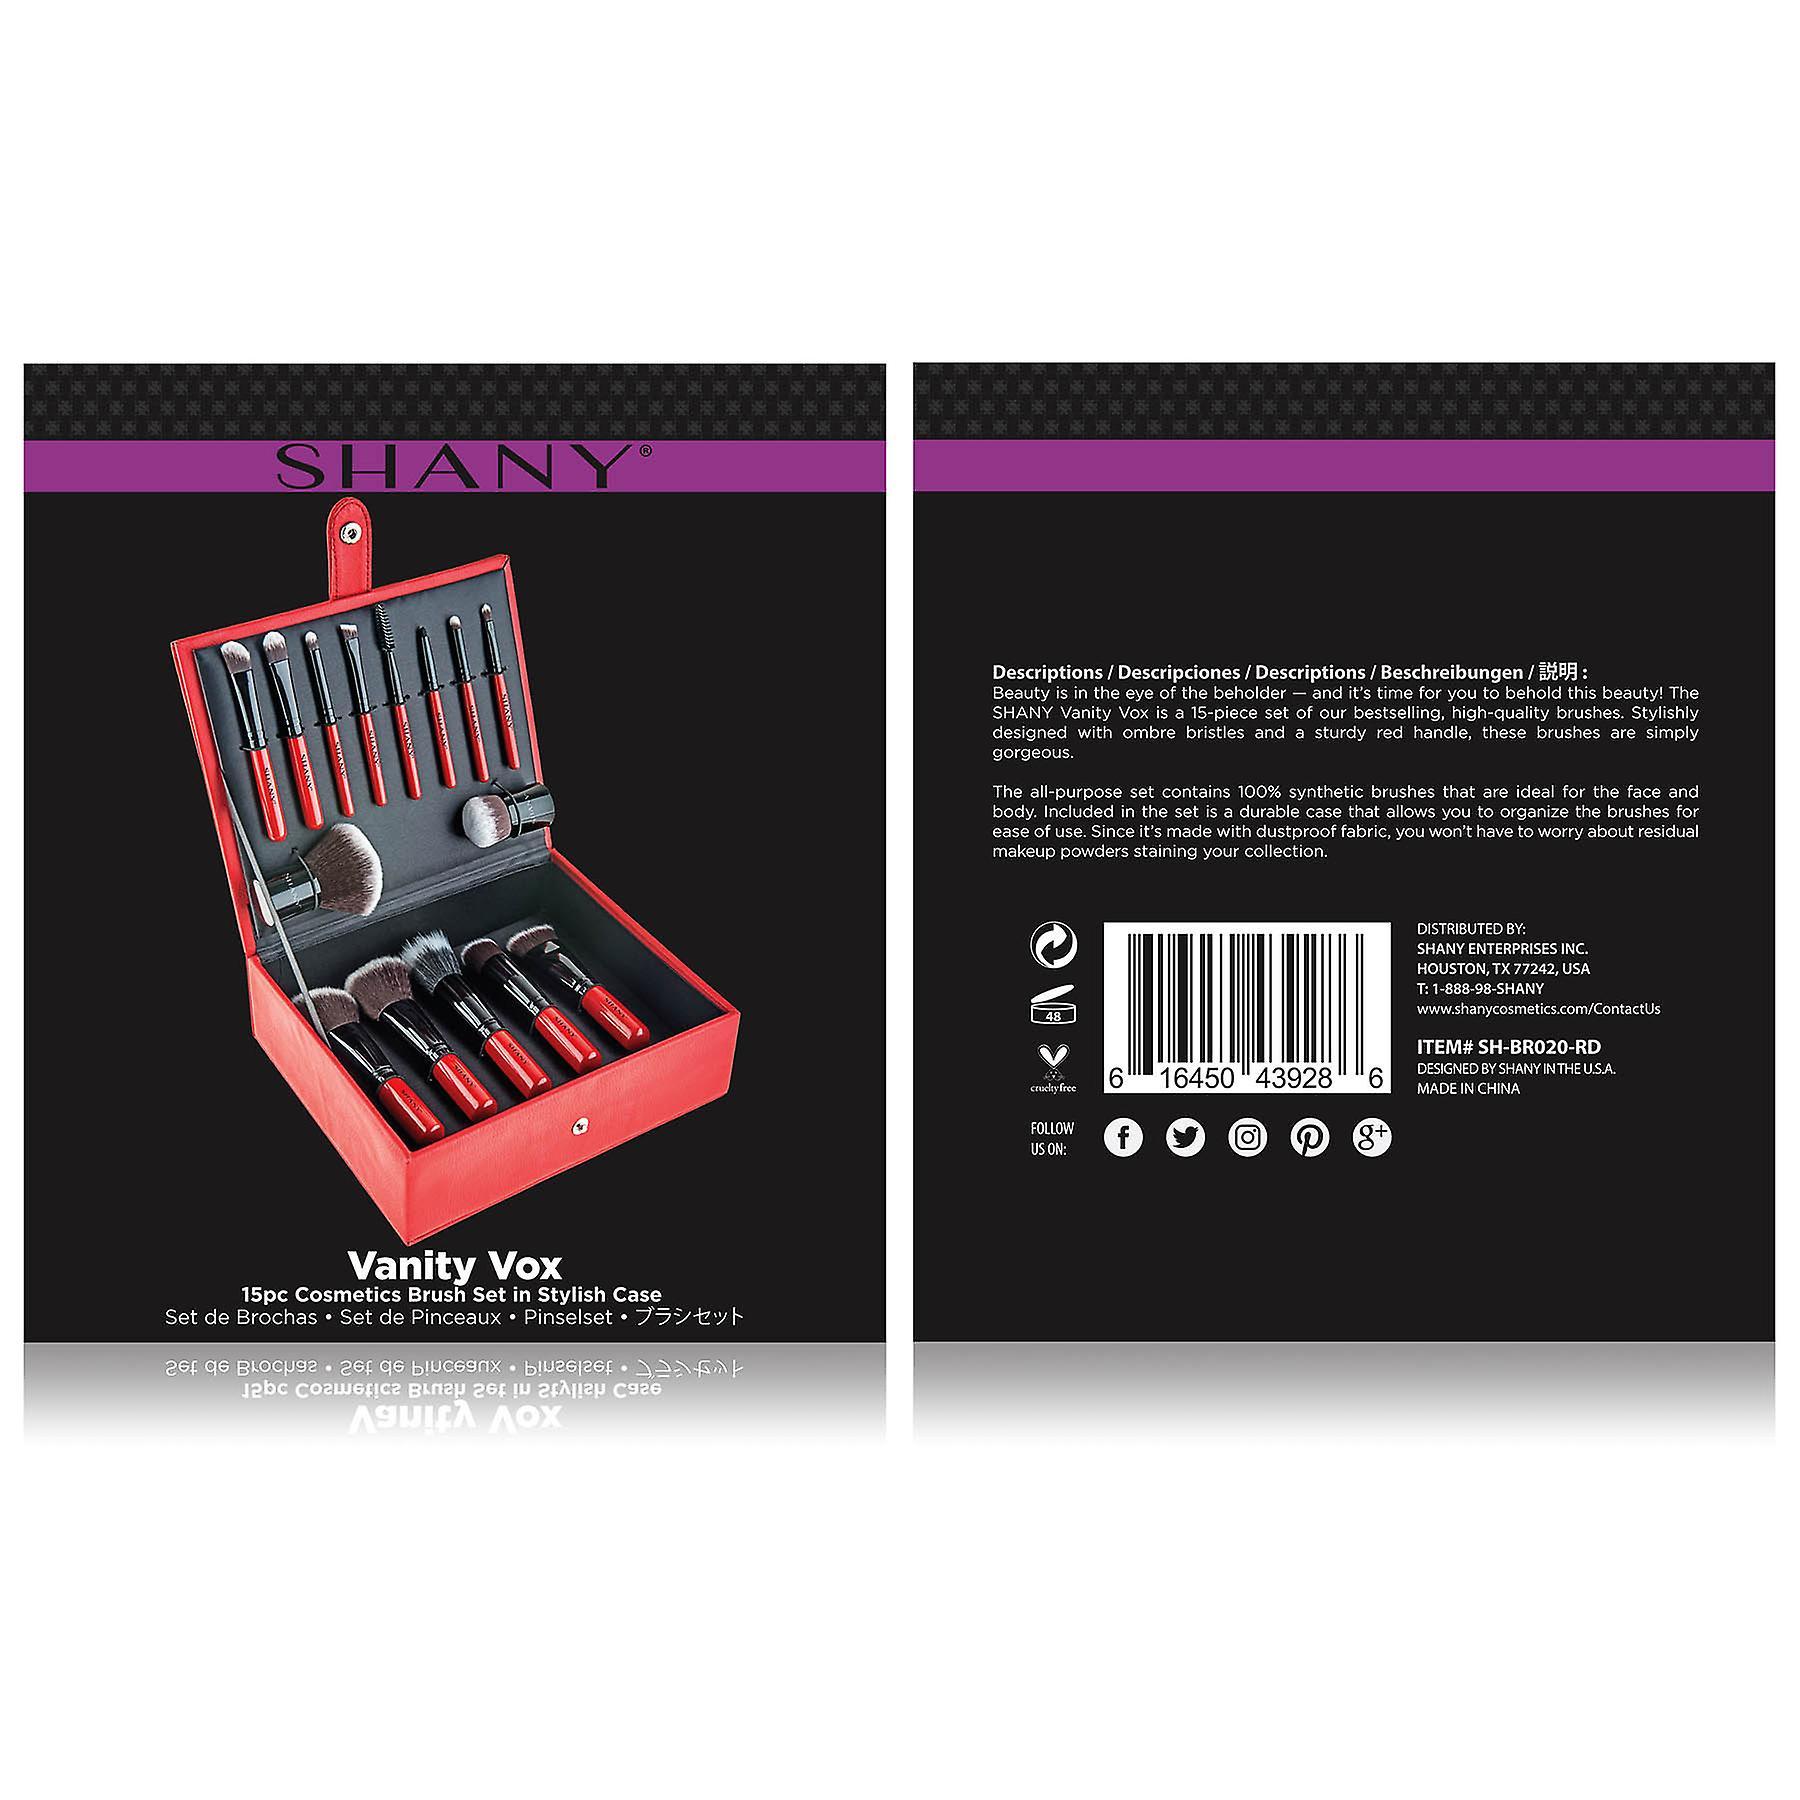 SHANY Vanity Vox- 15 Pc Premium Cosmetics Brush Set with Stylish Storage Box and Stand